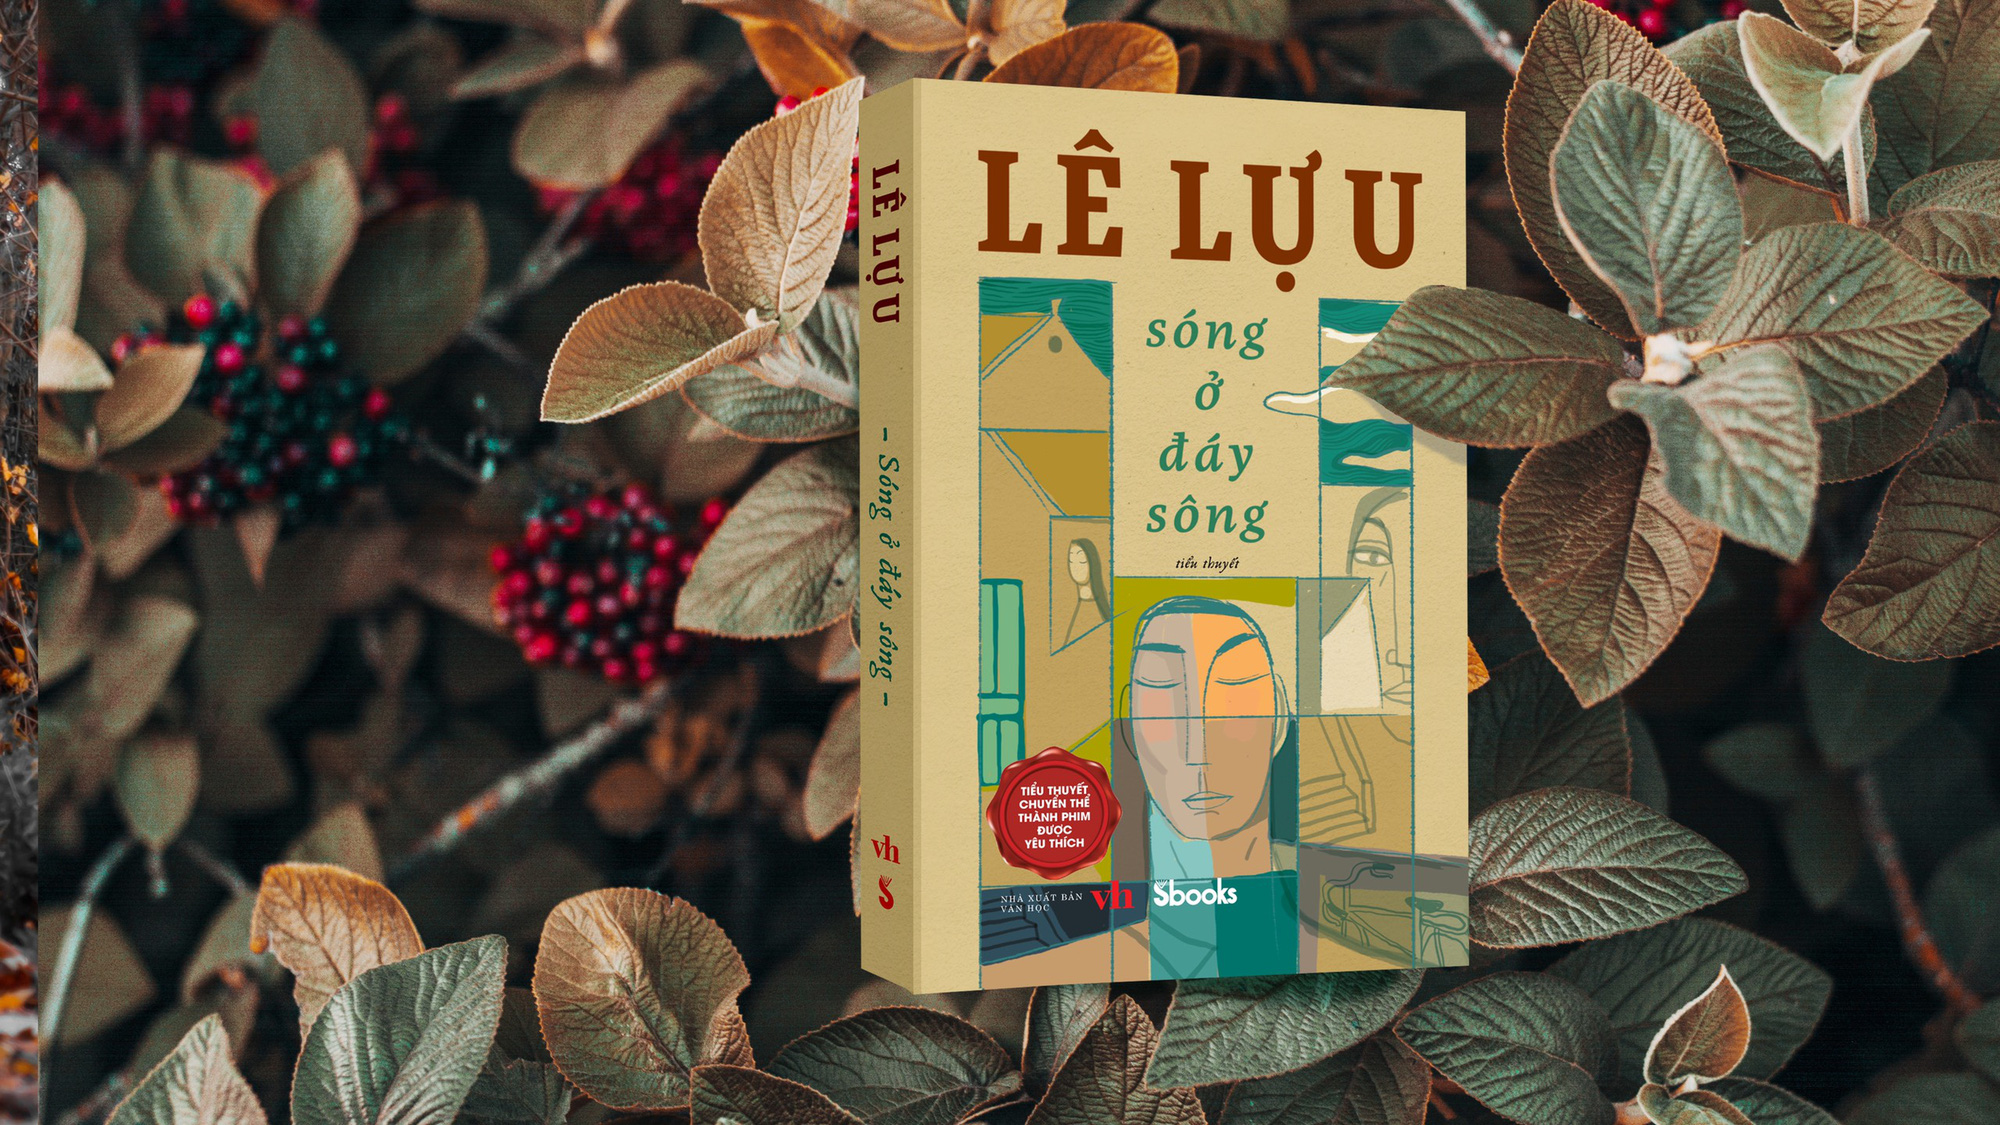 """Tái bản tiểu thuyết nổi tiếng """"Thời xa vắng"""" và """"Sóng ở đáy sông"""" của Lê Lựu - Ảnh 1."""